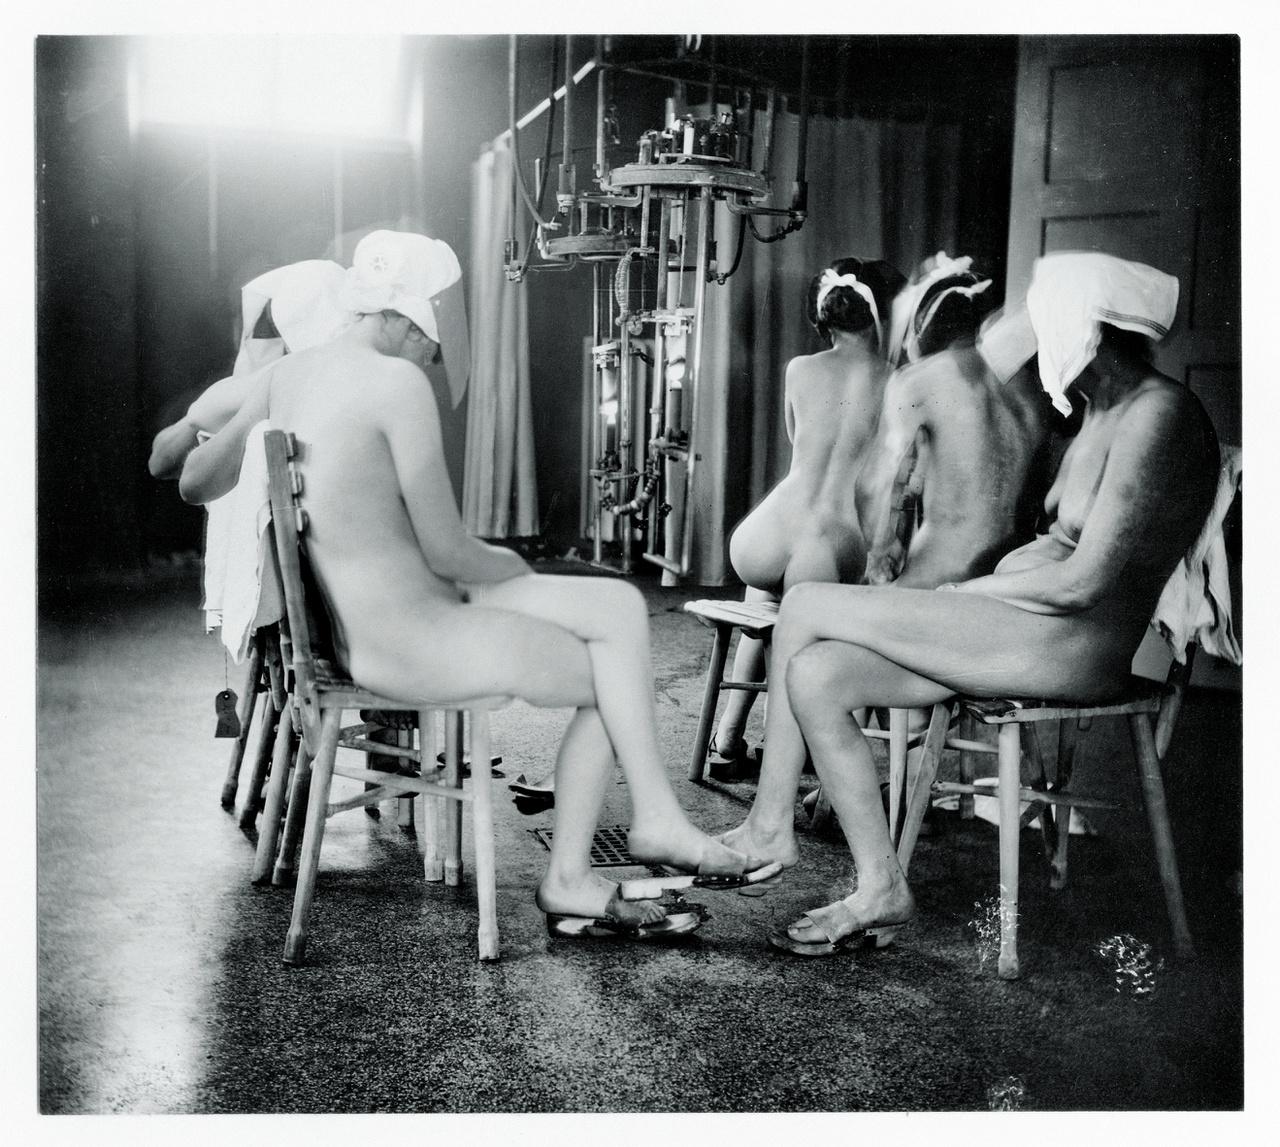 Nicolai Howalt fent említett munkájához kapcsolható ez a régi fotó is: különféle bőrbetegségekben szenvedő nők fényterápiája a Finsen-intézetben, 1920-1930 körül. Zselatinos ezüst nyomat a Koppenhágai Egyetem Orvosi Múzeumából.